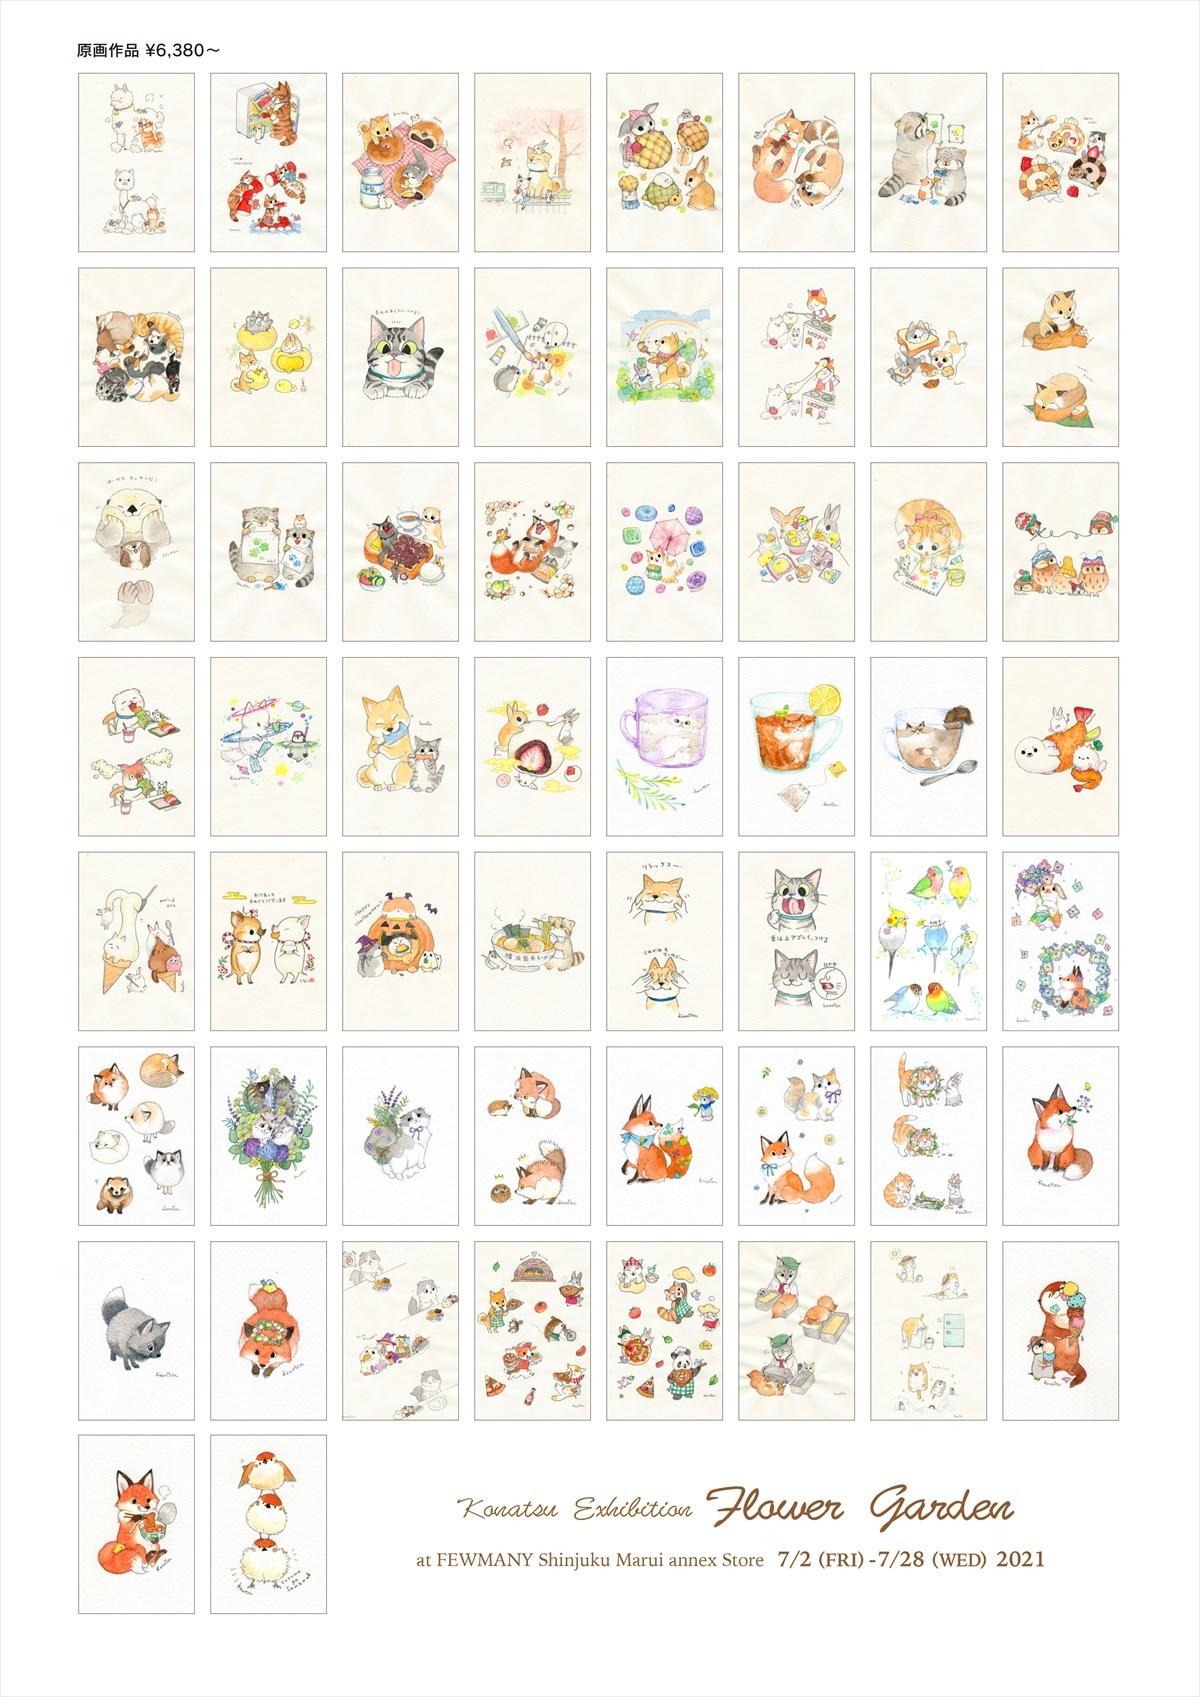 KONATSU EXHIBITION 「FLOWER GARDEN」 開催のお知らせ_f0010033_18025844.jpg